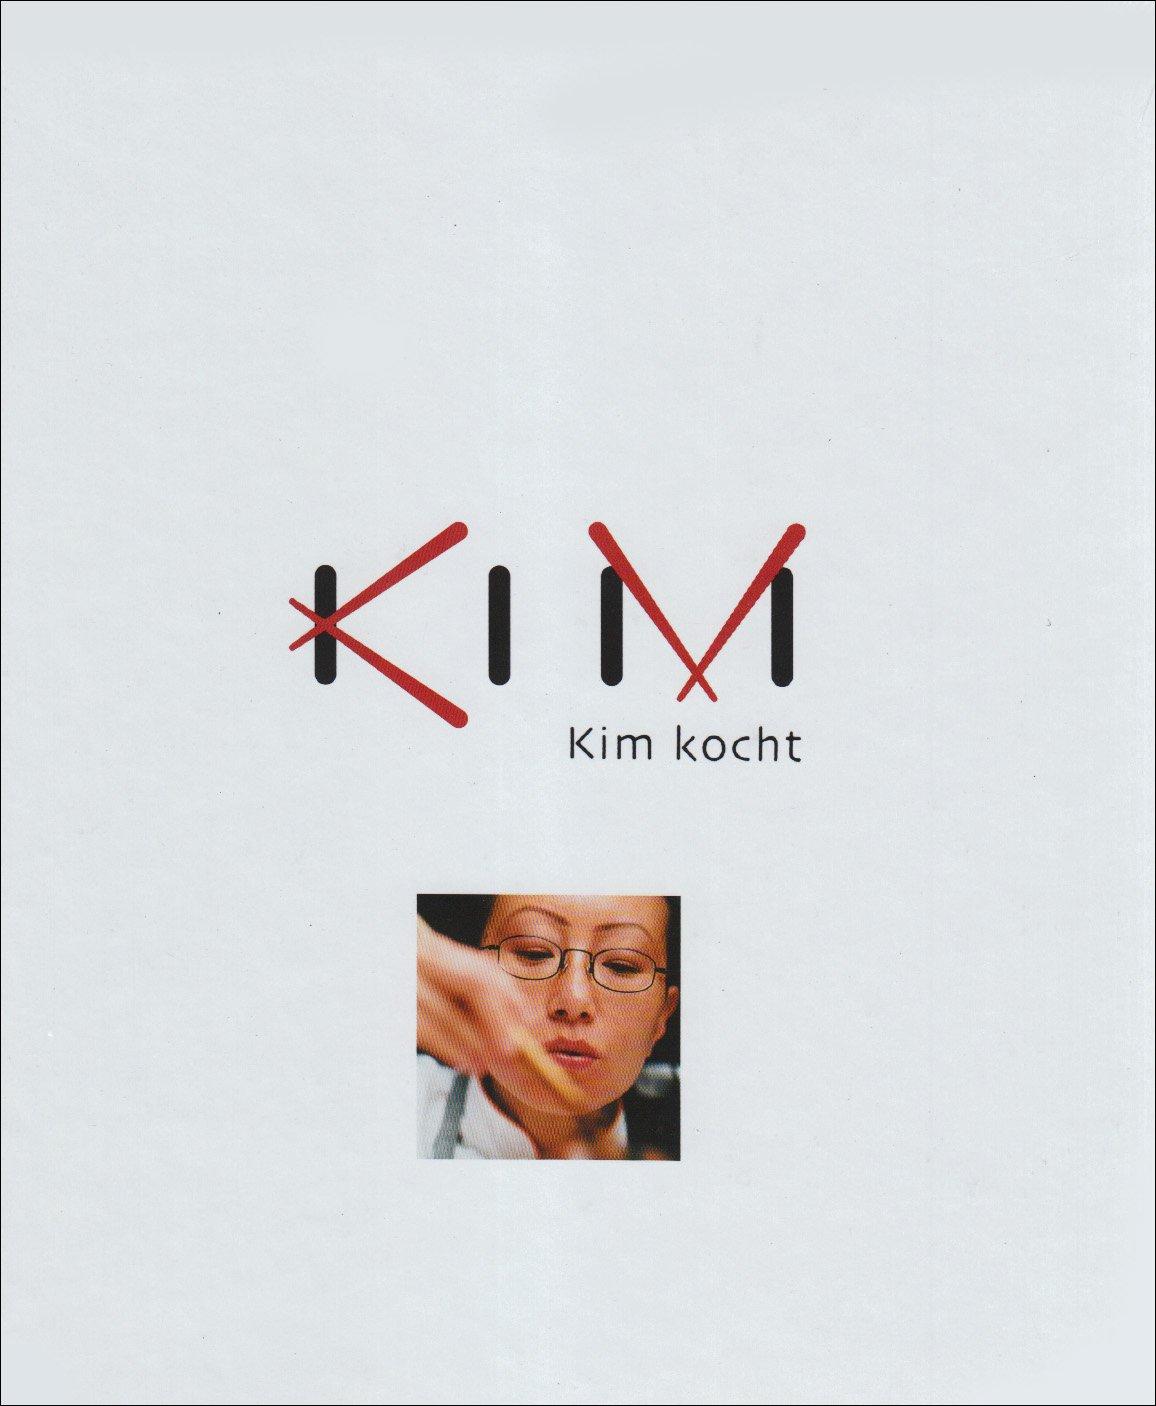 Kim kocht: Das erste Buch der asiatischen Meisterköchin